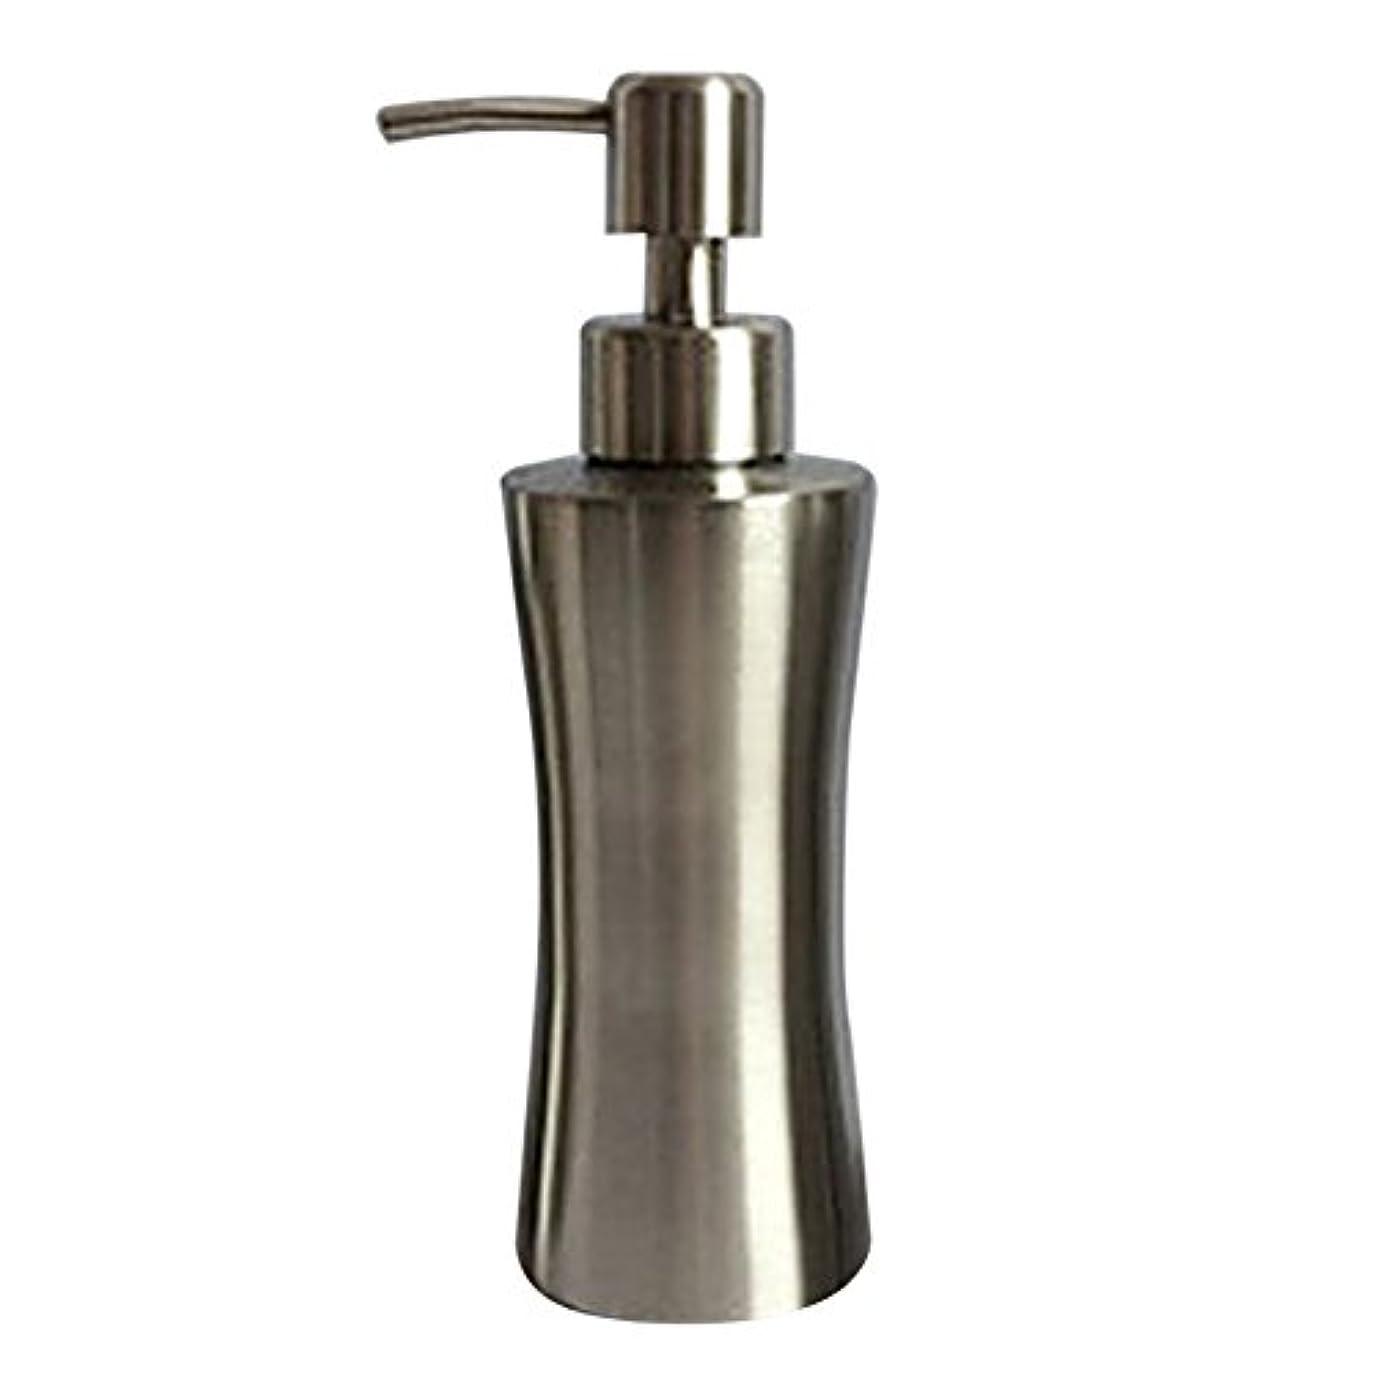 失う山岳エンディングディスペンサー ステンレス ボトル 容器 ソープ 石鹸 シャンプー 手洗いボトル 耐久性 錆びない 220ml/250ml/400ml (B:250ml)